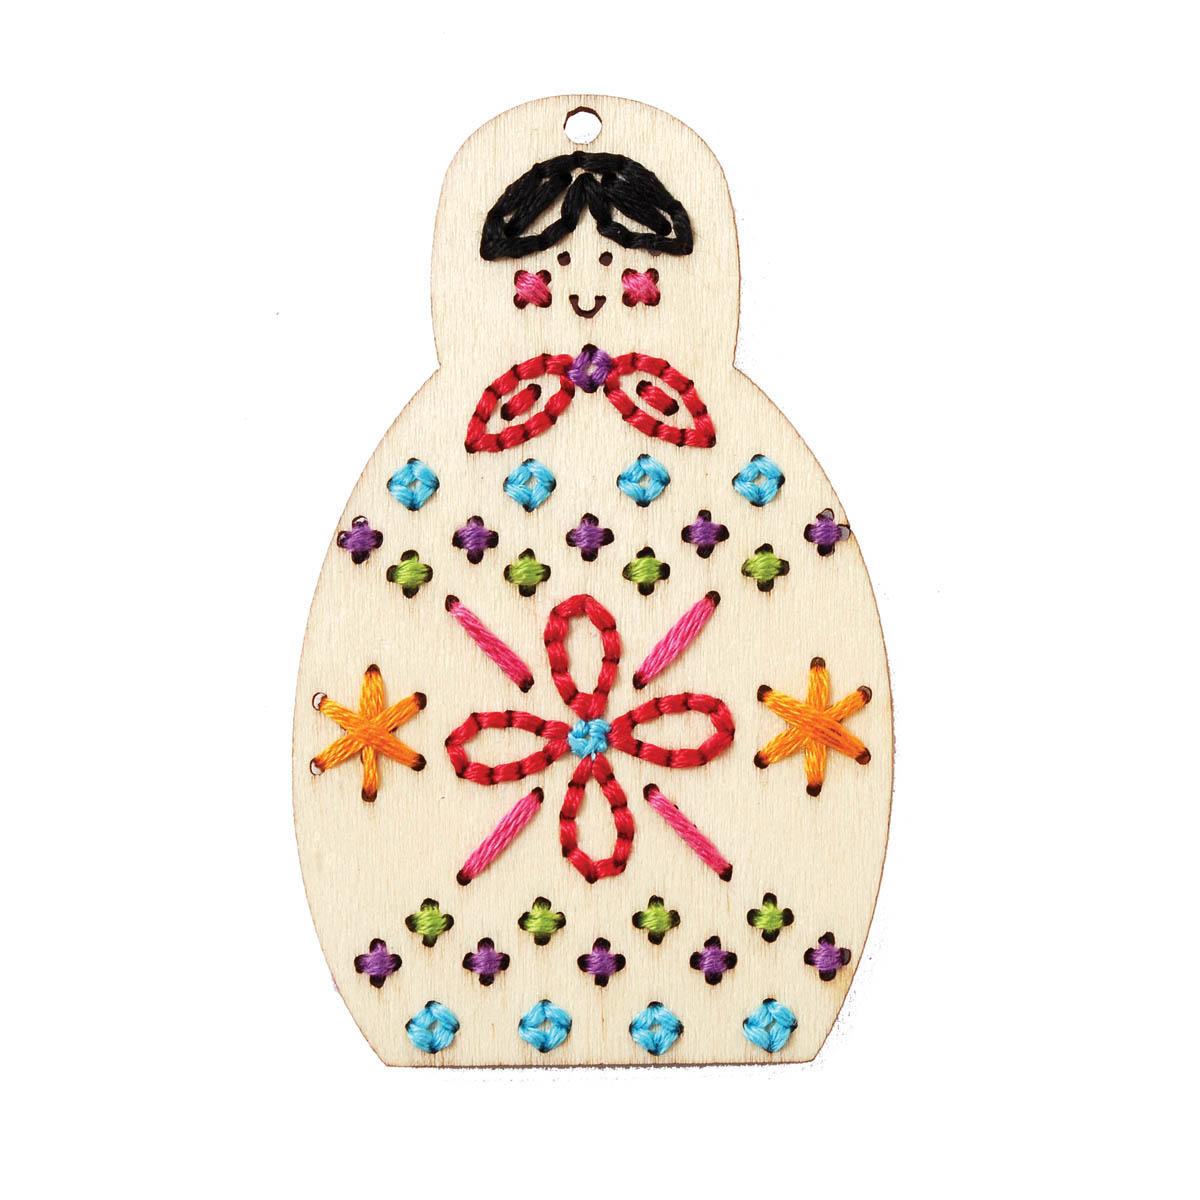 Bucilla ® Handmade Charlotte™ Wood Stitchables - Babushka